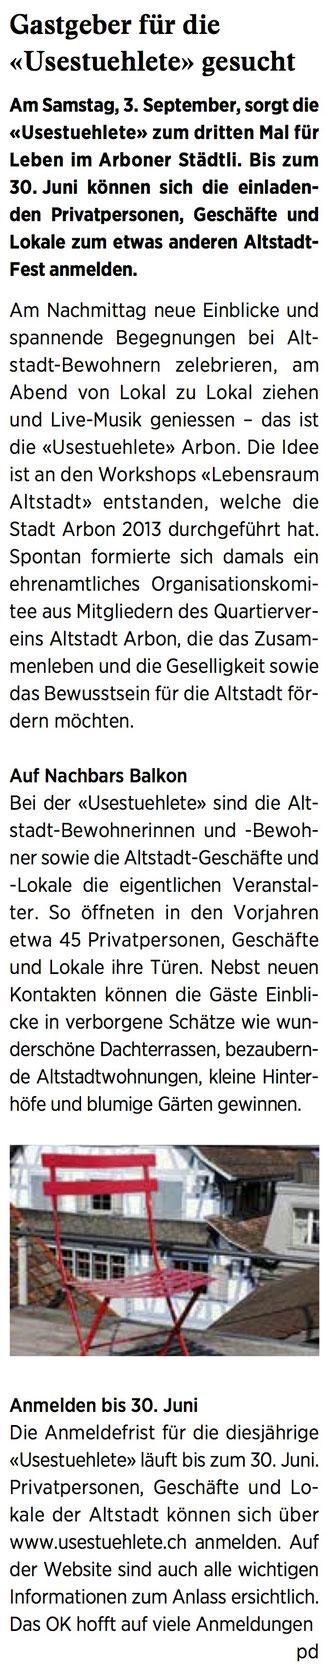 Wochenzeitung felix, 17.06.2016